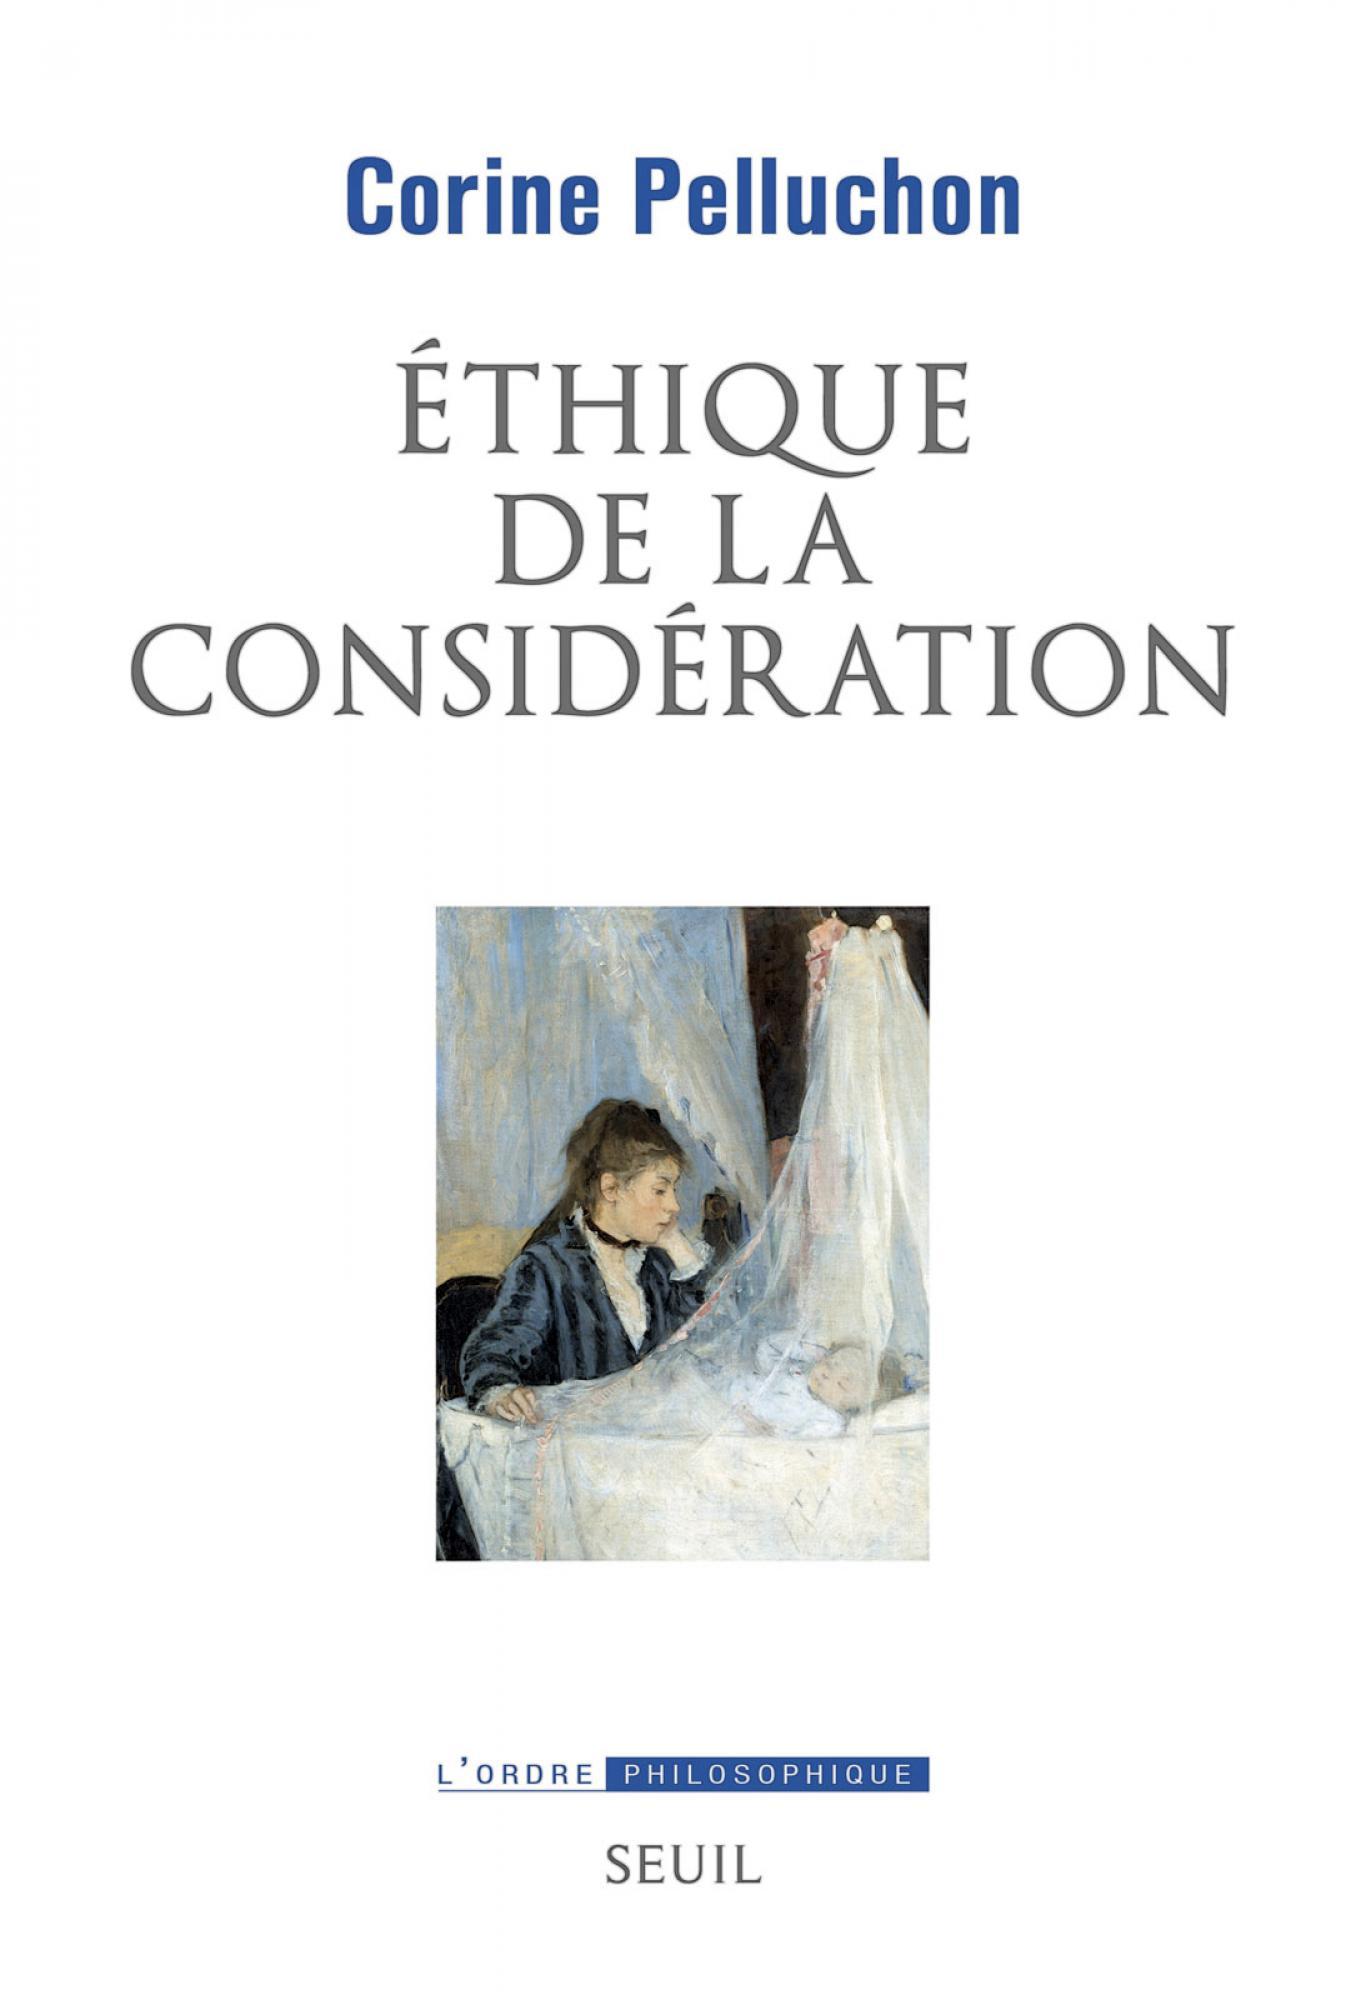 C. Pelluchon, Éthique de la considération